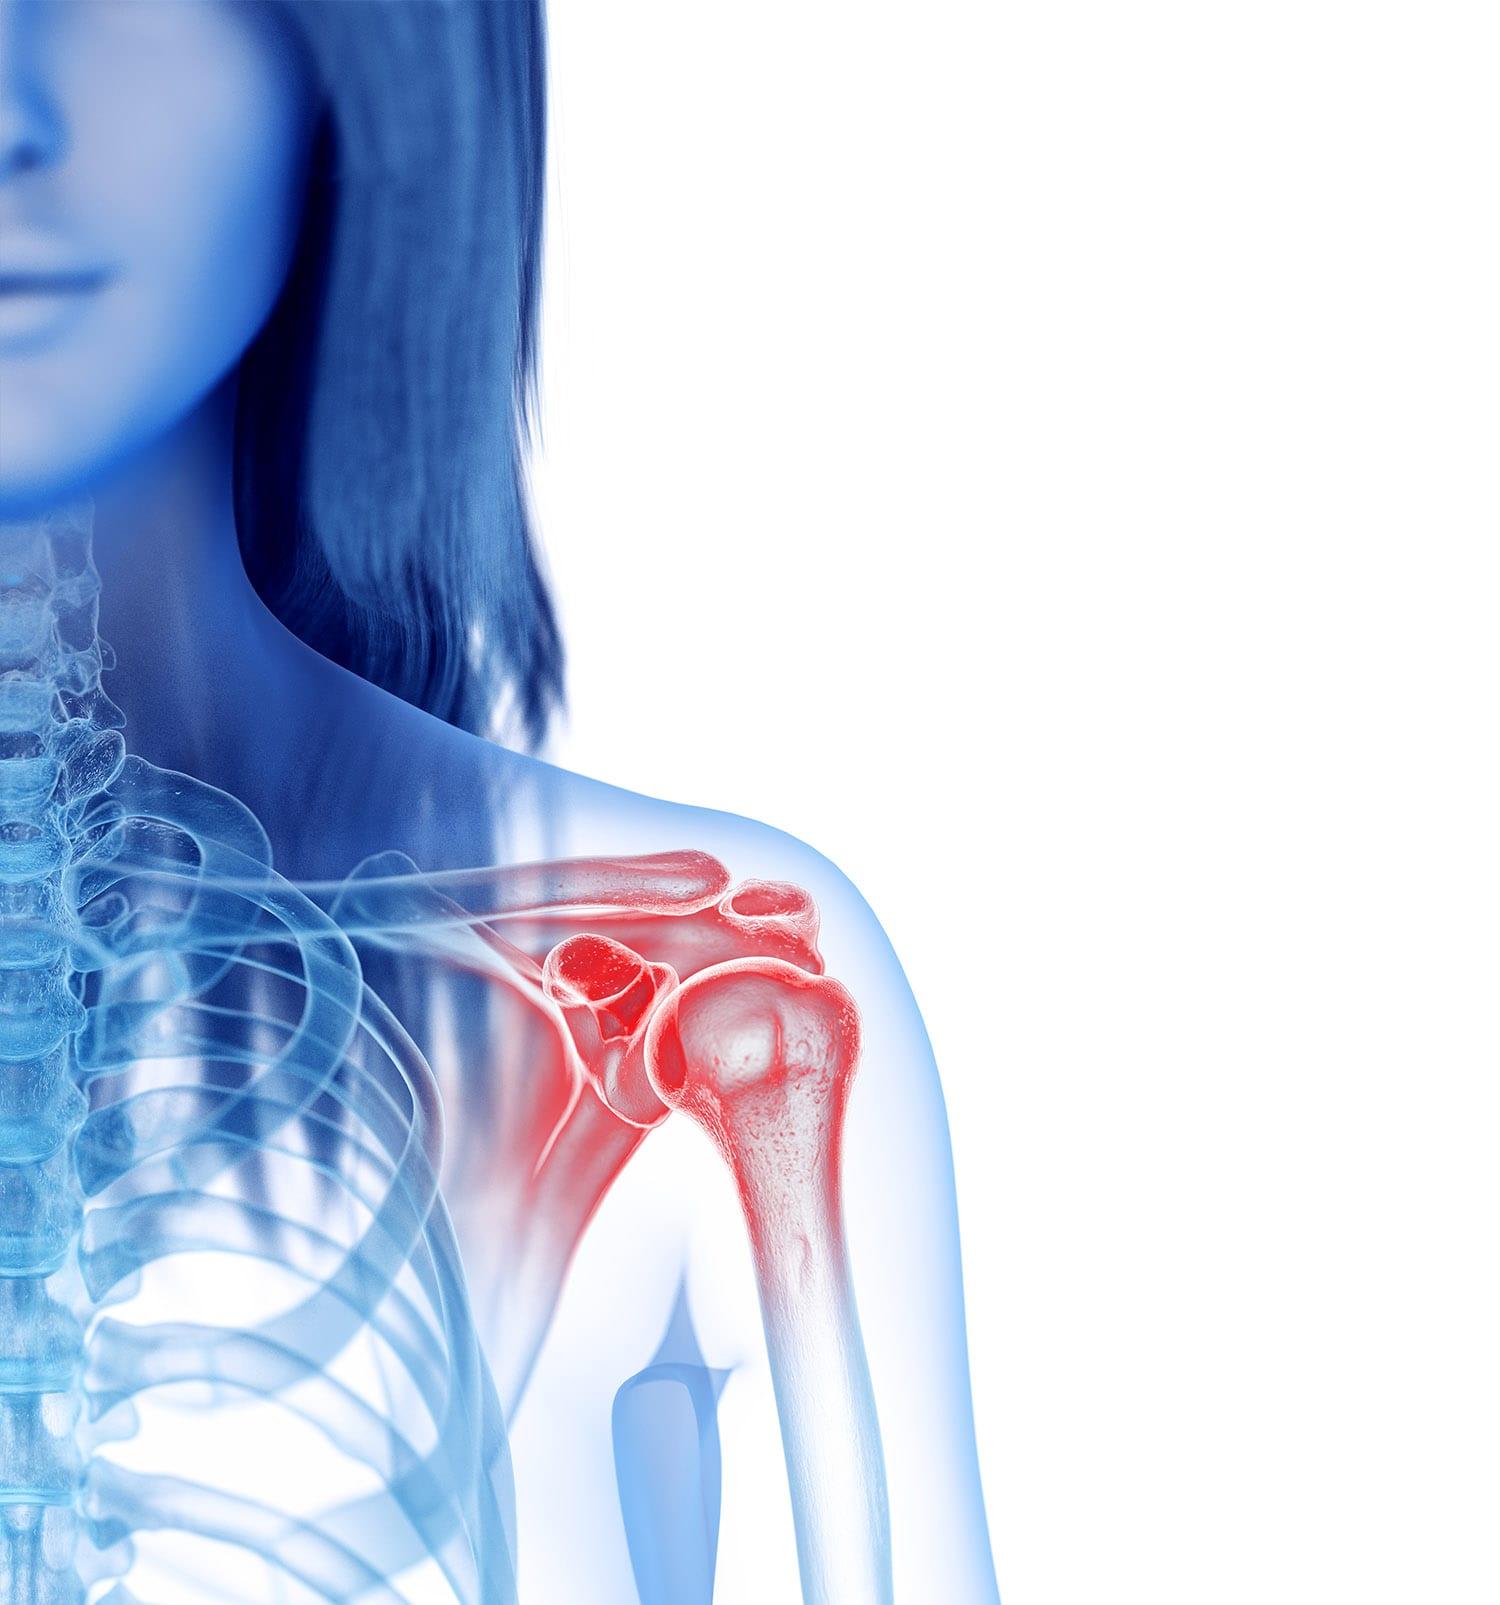 פתרון לקרע בכתף, דלקת בגיד הכתף, קרע בגיד הכתף